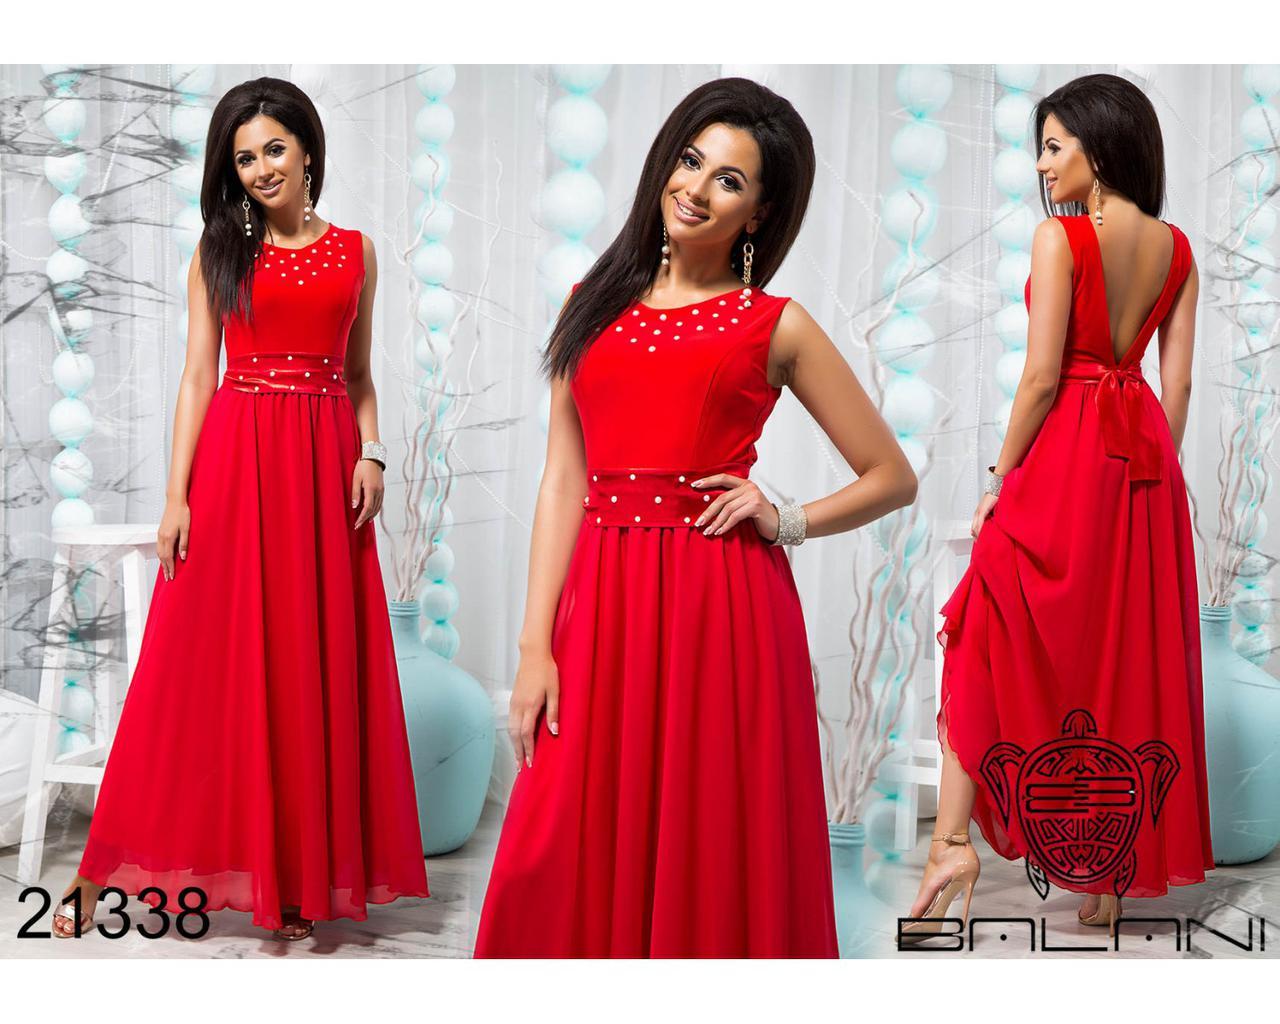 f9ae650c99c Вечернее платье с открытой спиной купить недорого Производитель Украина  интернет-магазин Россия СНГ р.42-46